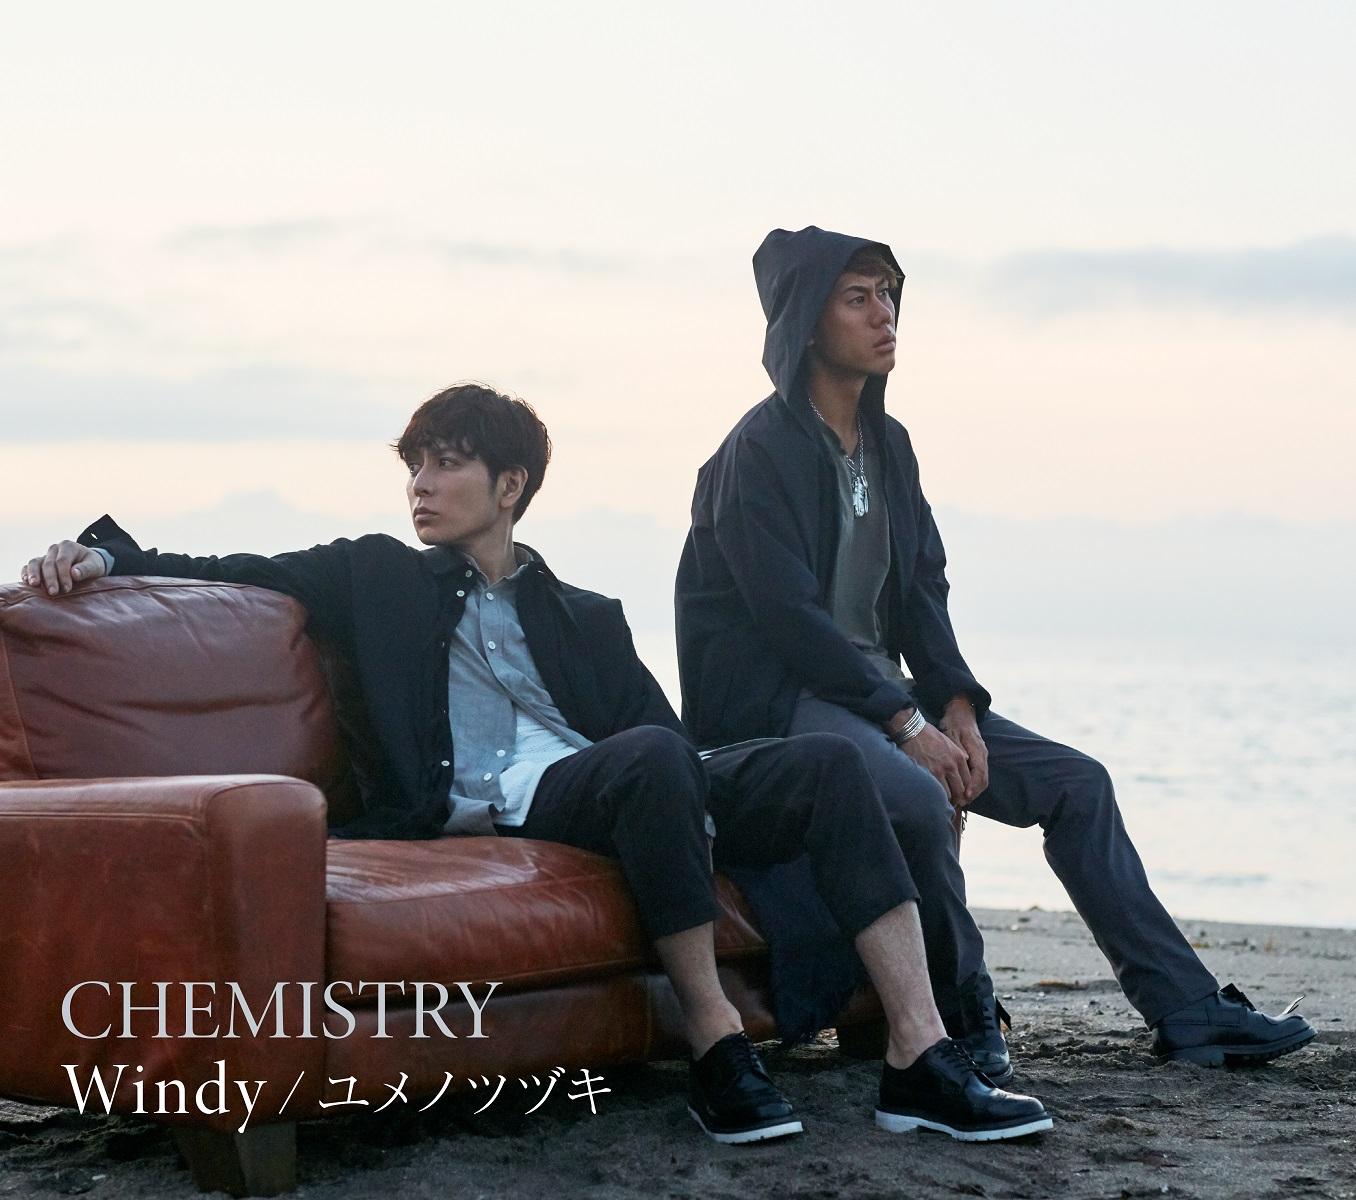 CHEMISTRY 再始動シングル、ジャケット写真を公開サムネイル画像!